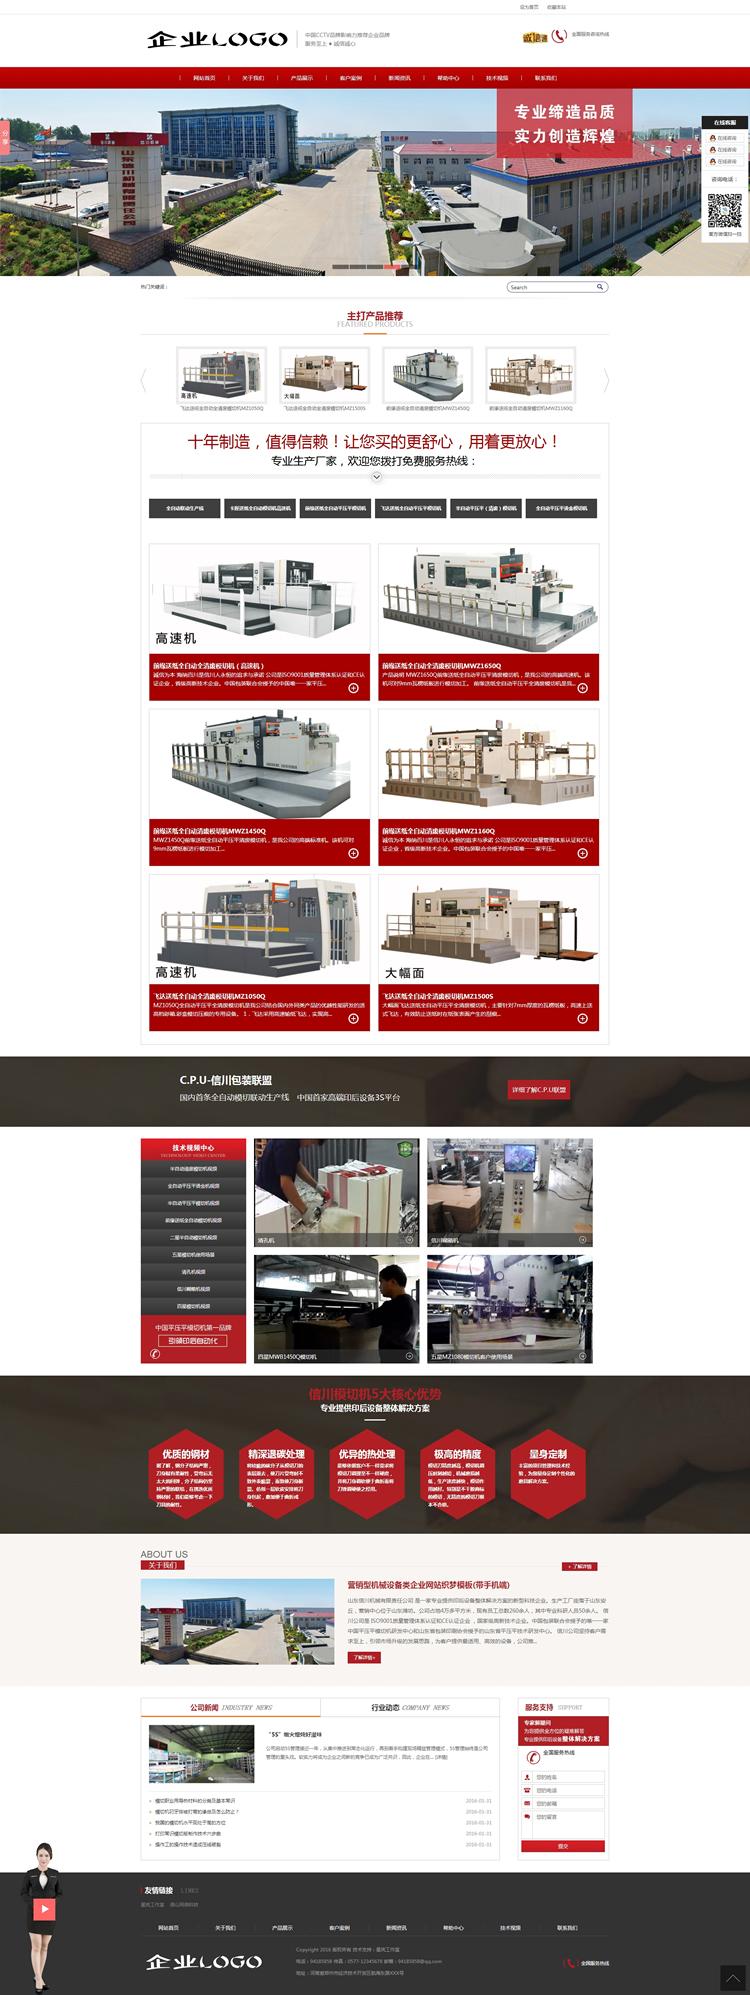 营销型机械设备类企业网站织梦模板(带手机端).jpg